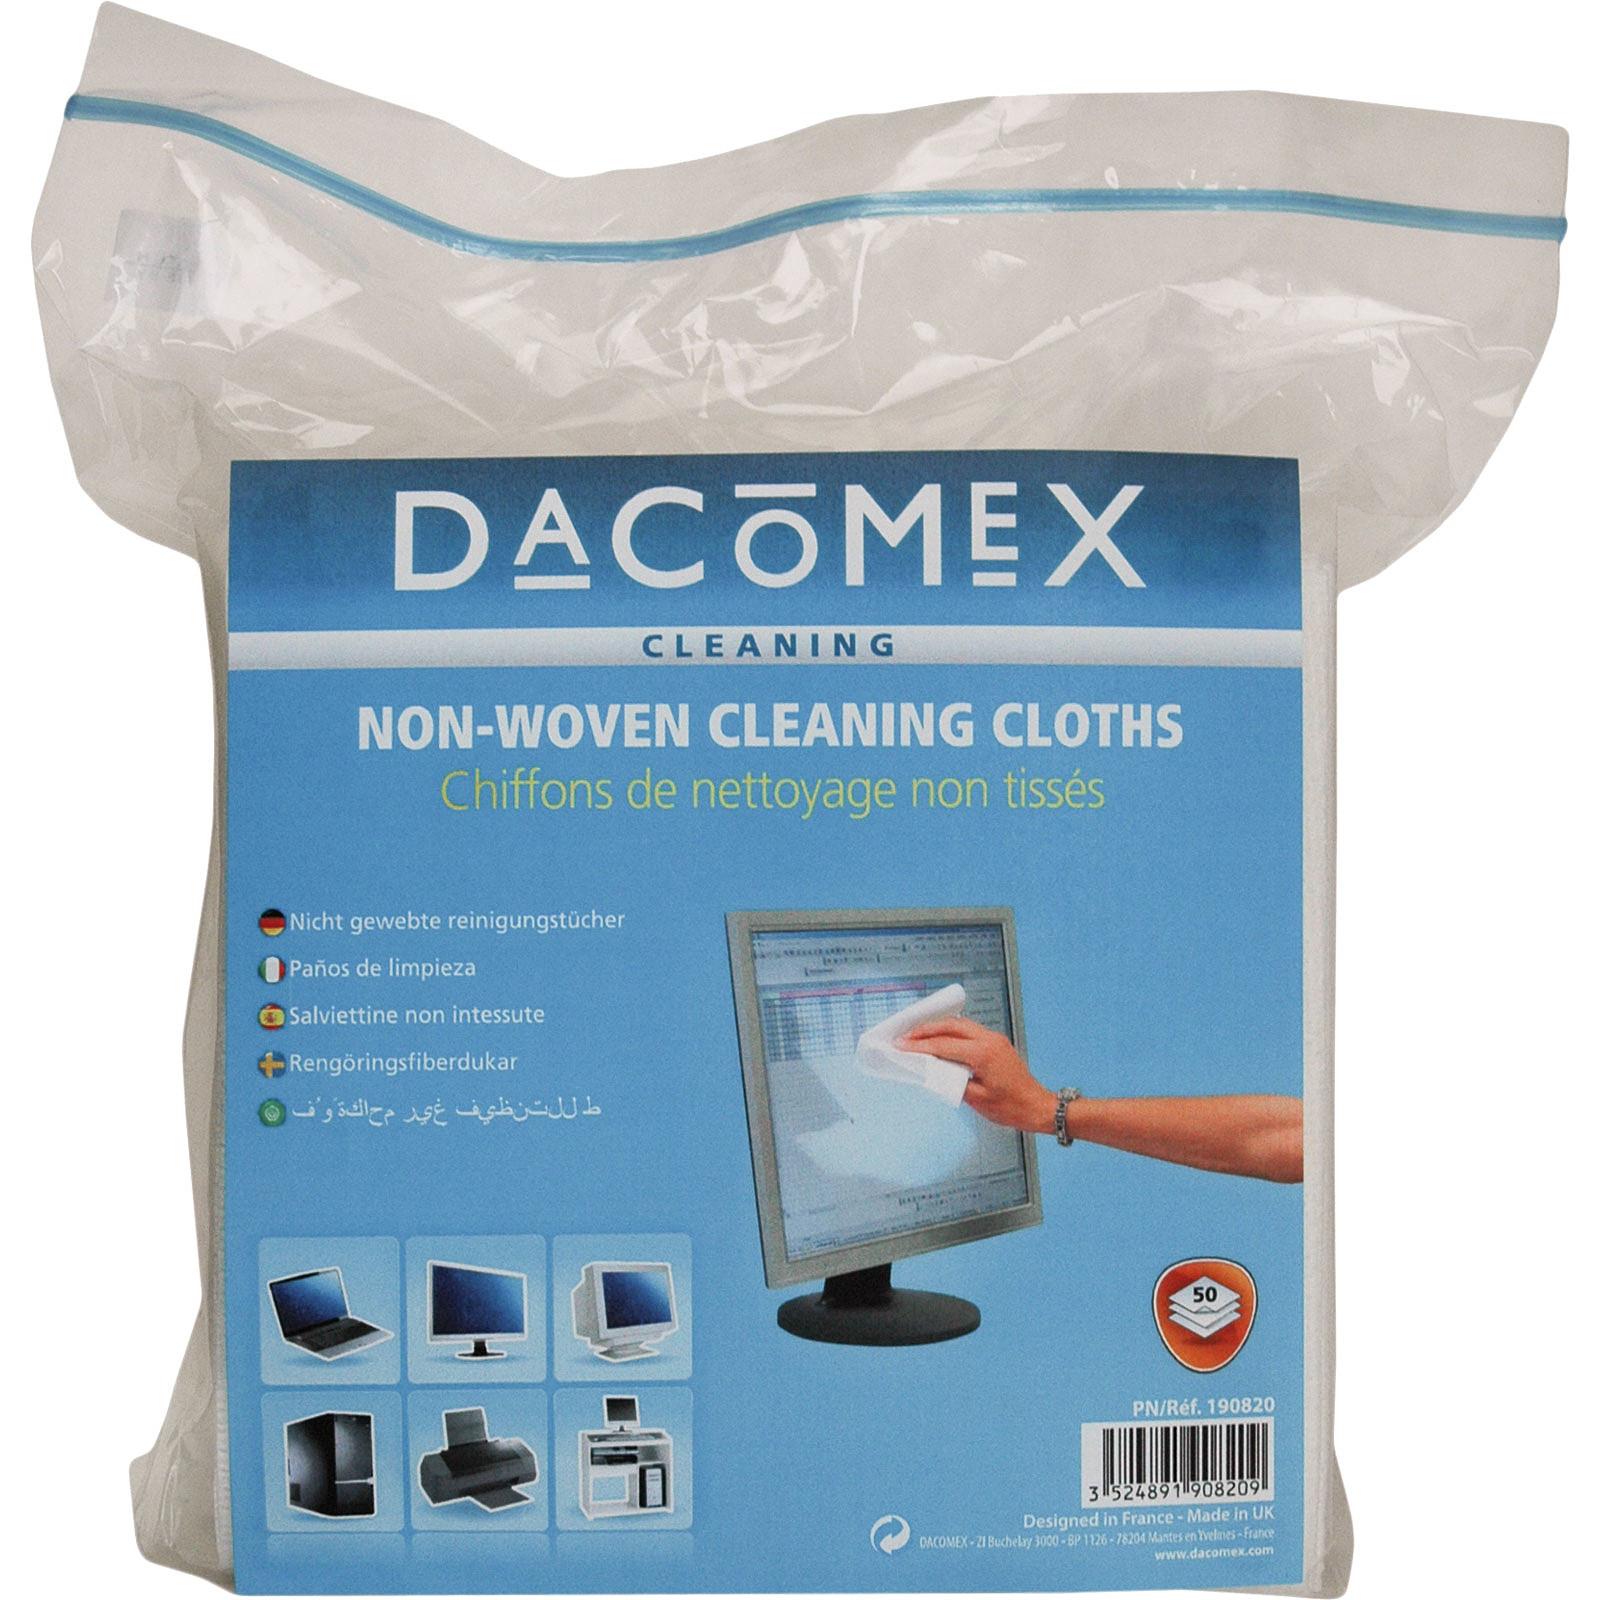 Dacomex chiffons de nettoyage doux (par 50)